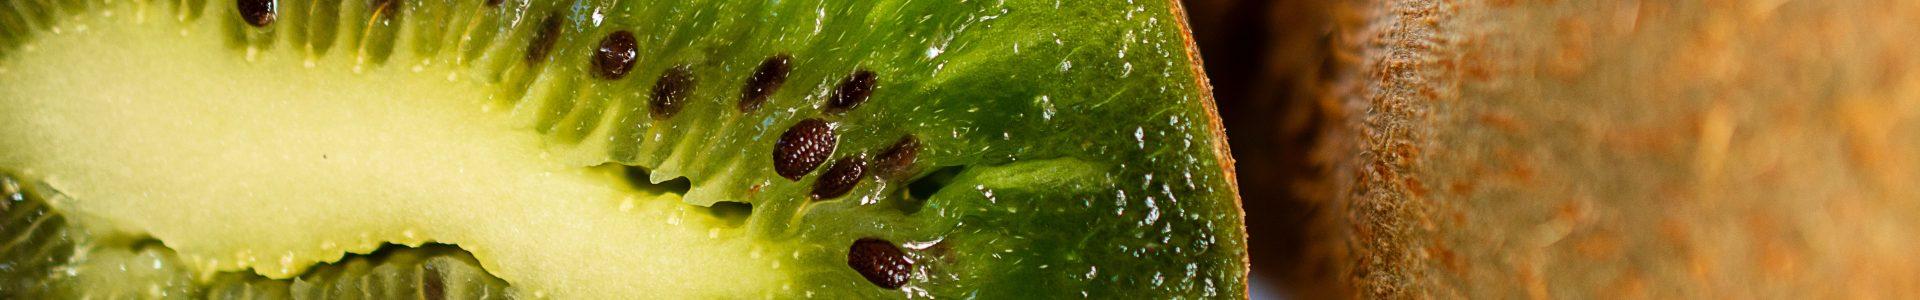 Corona Virus – jetzt geht es um Ihr Immunsystem!